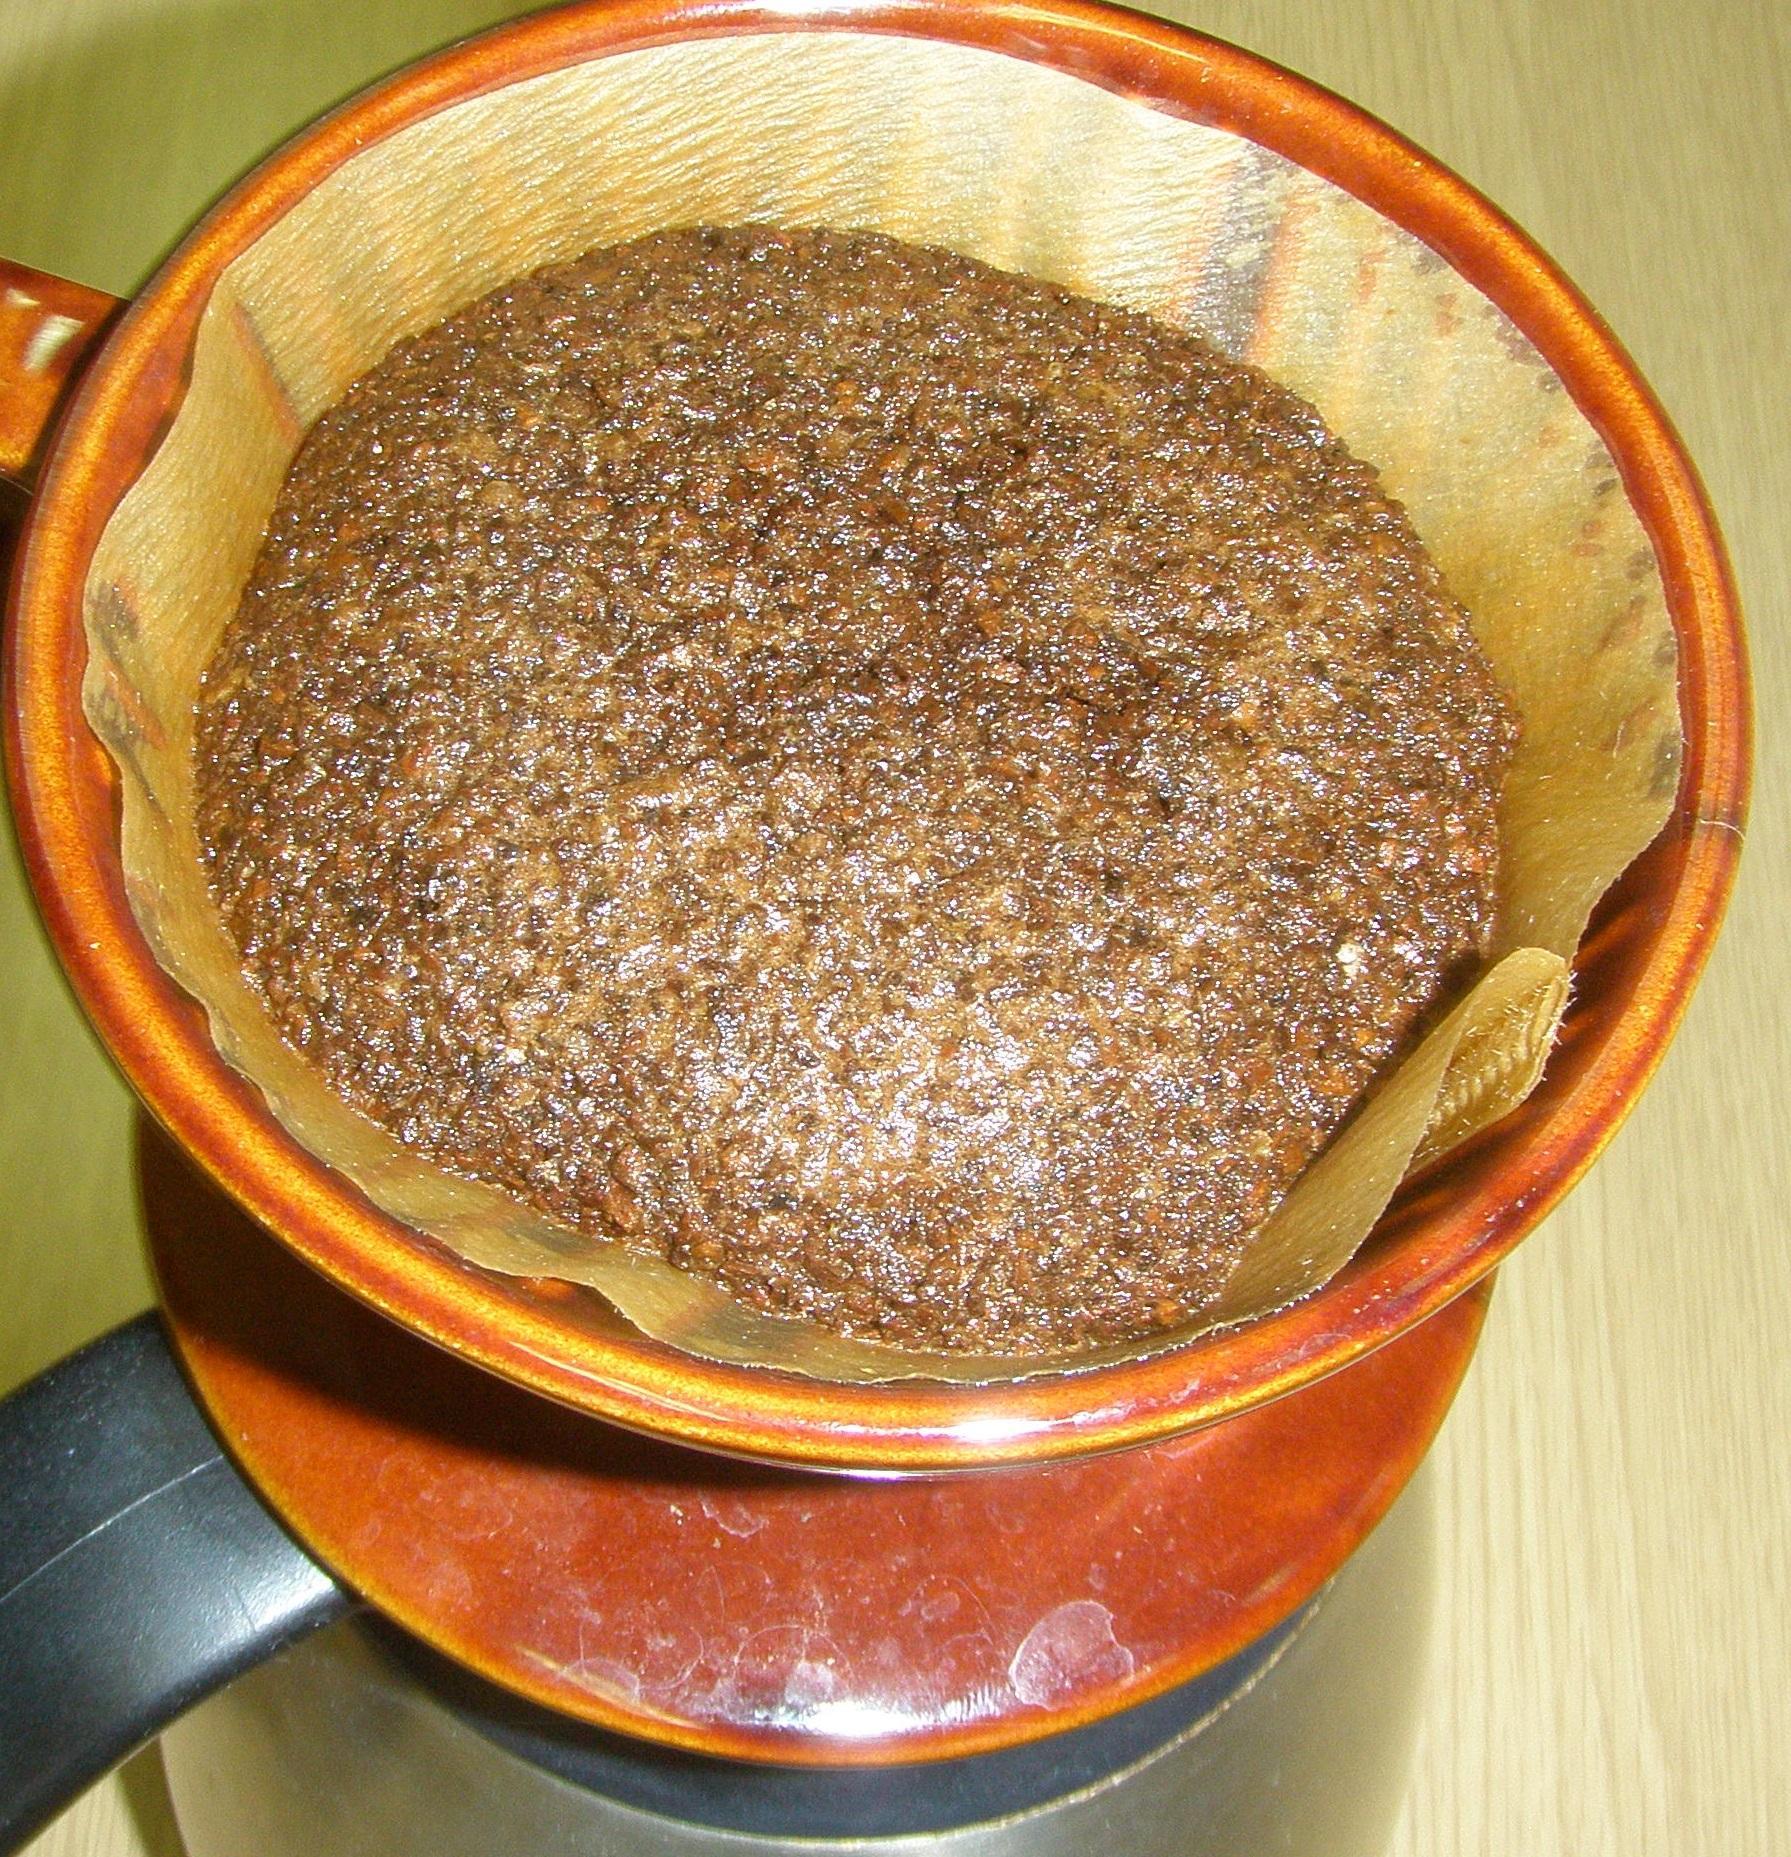 coffeepreparing.jpg